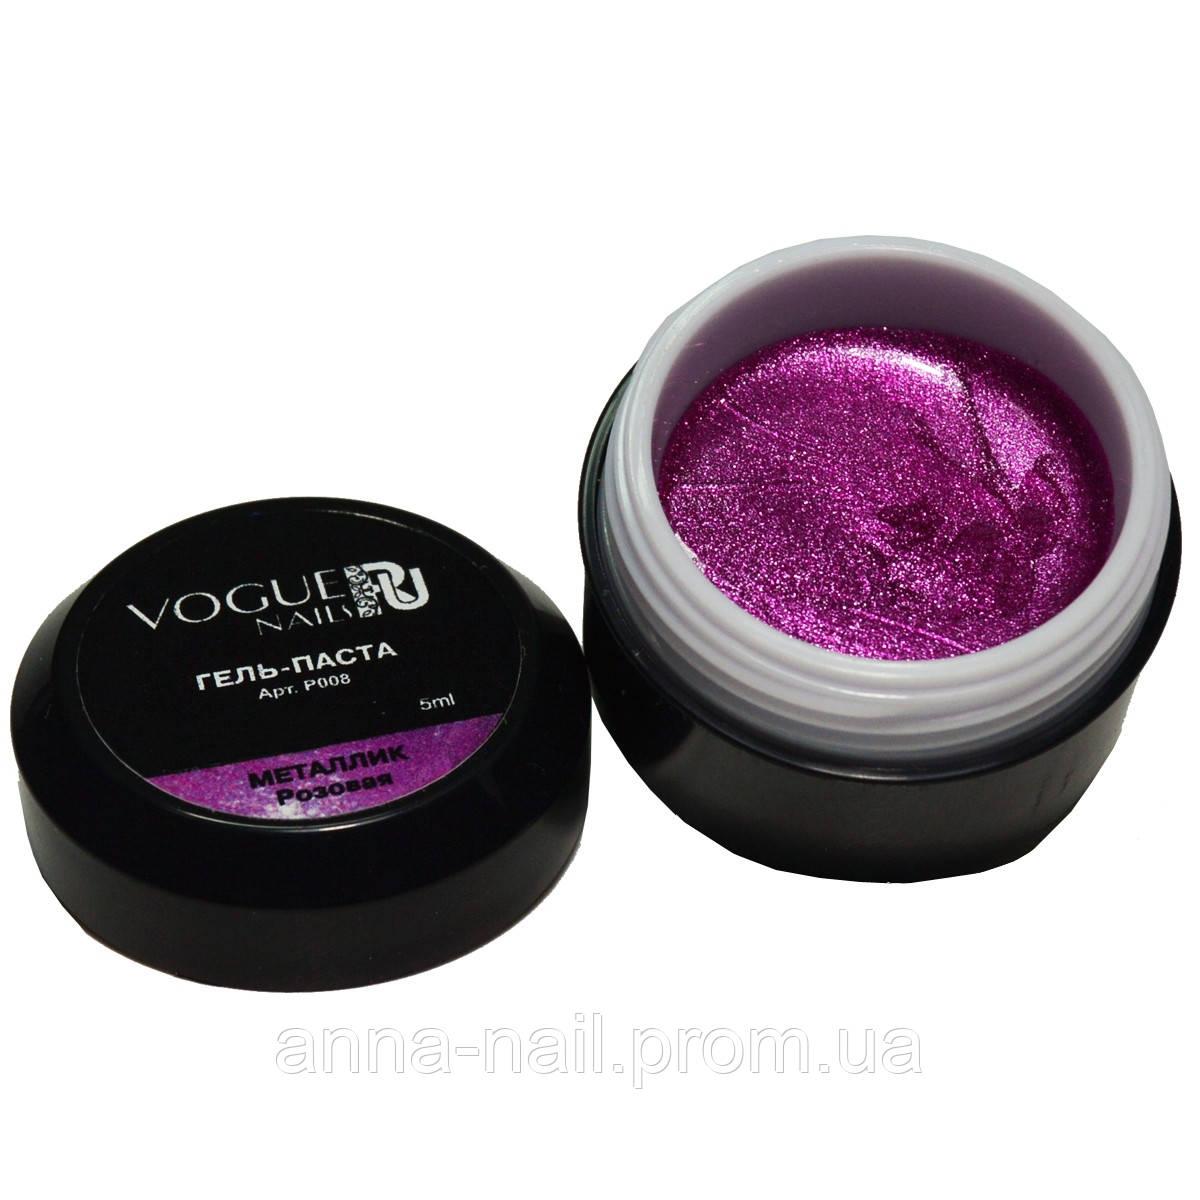 Гель-паста Vogue nails металлик розовая, 5 г